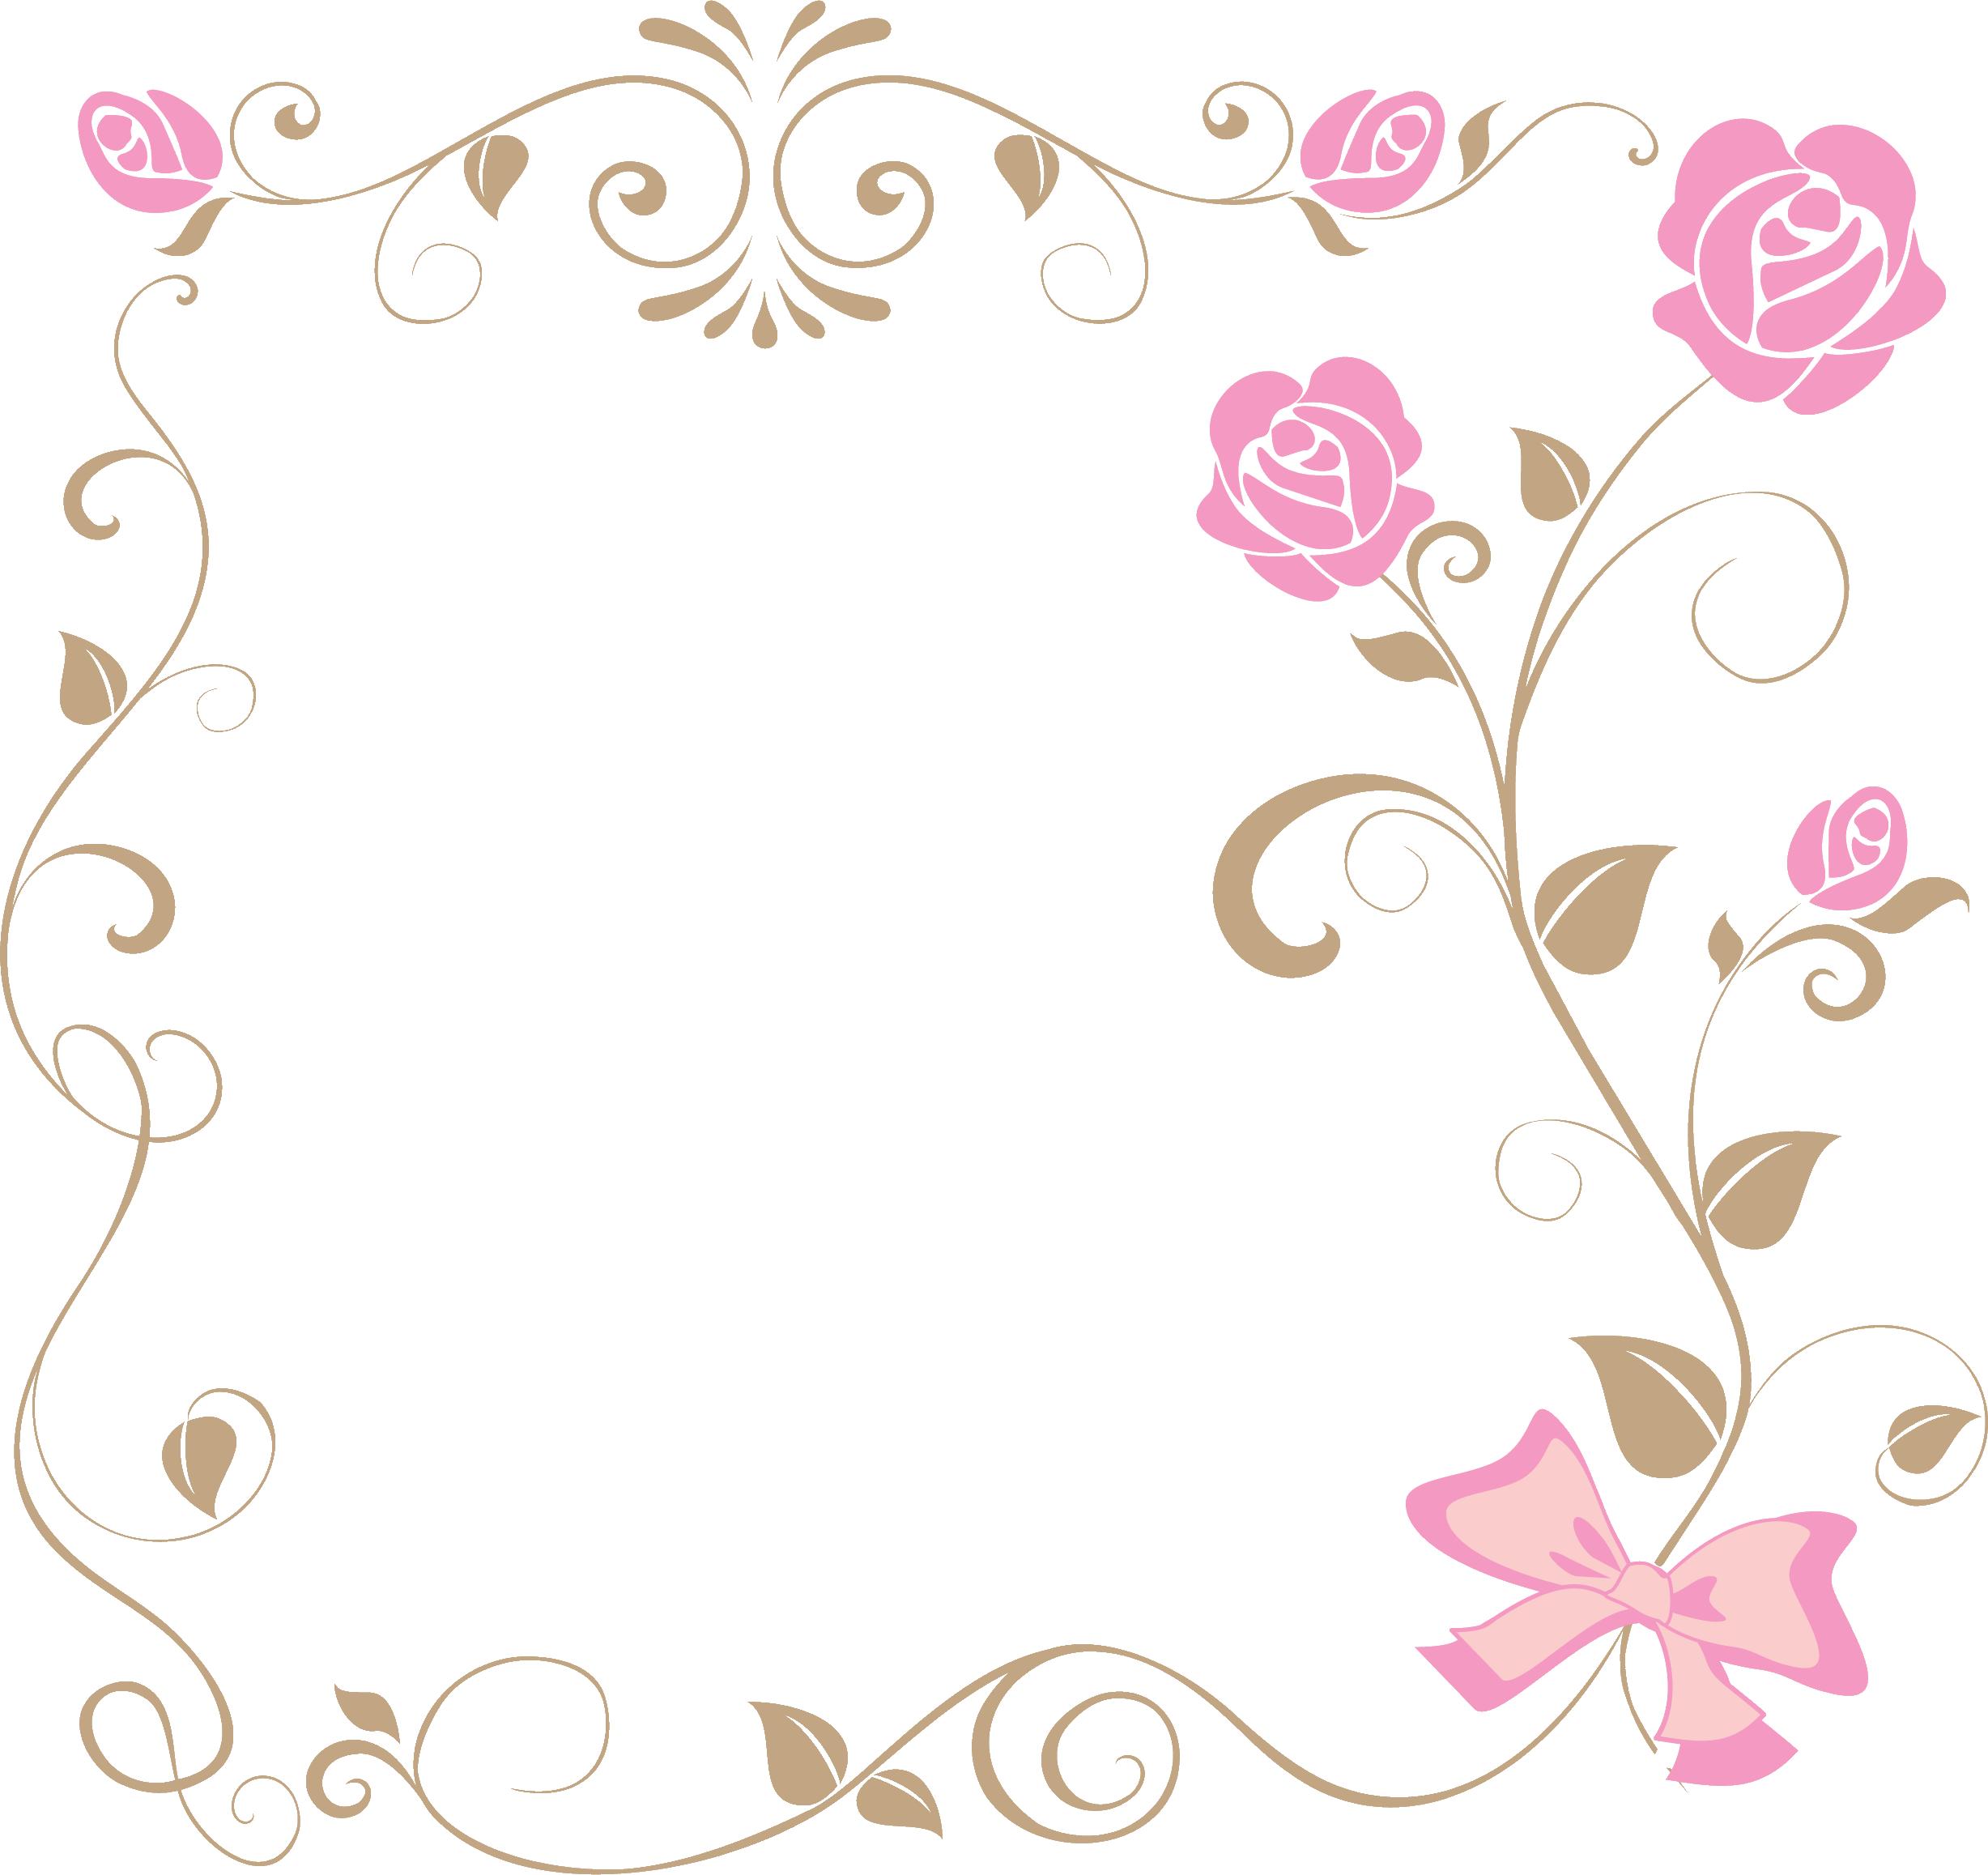 ポップでかわいい花のイラストフリー素材no953ピンクのバラリボン